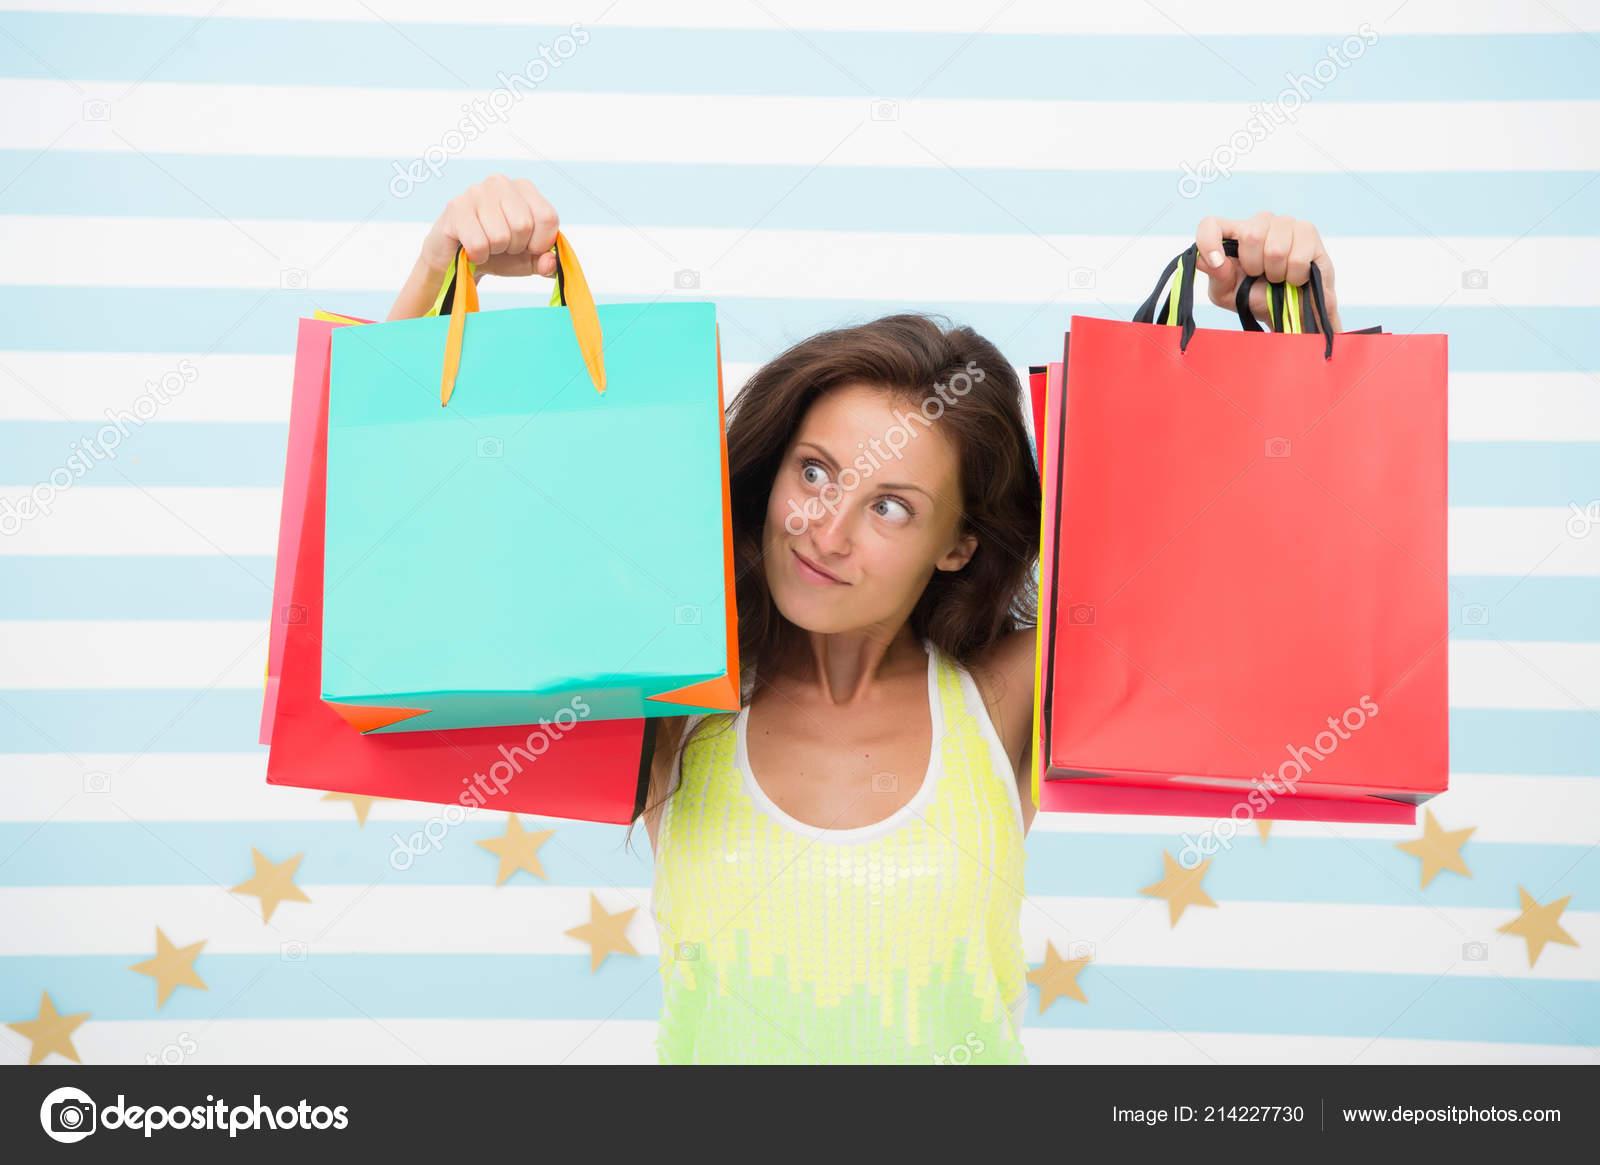 65dd50bf83 Přejeme vám příjemné nakupování. překvapen